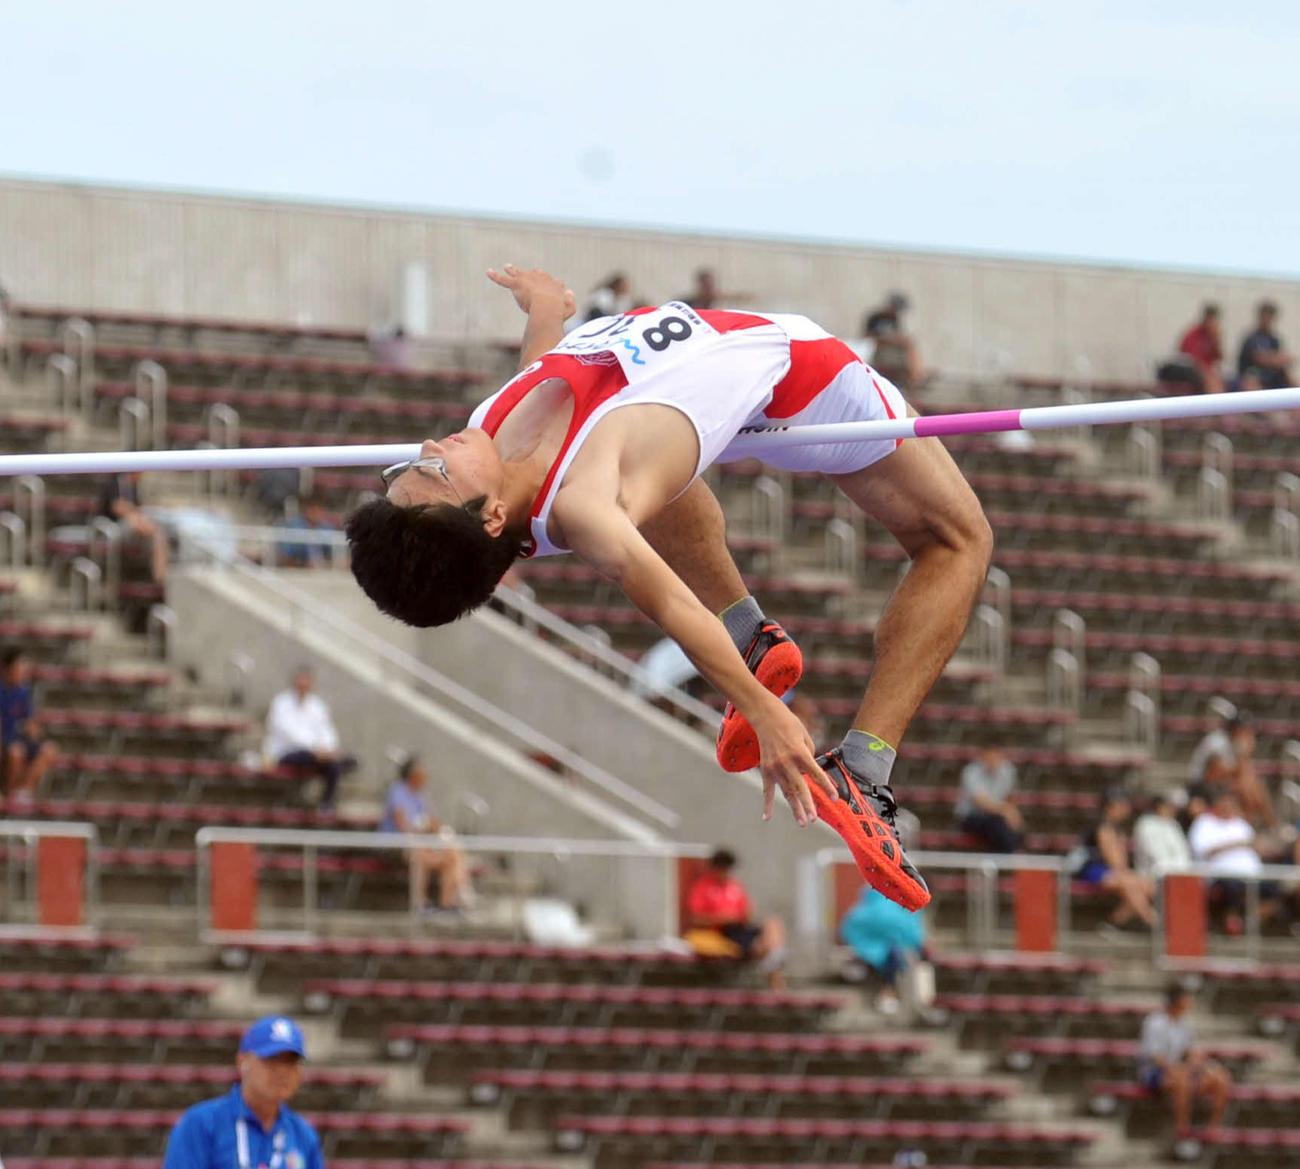 昨年8月、全国高校総体陸上男子走り高跳び決勝で2メートル08を記録し、銀メダルに輝いた太田